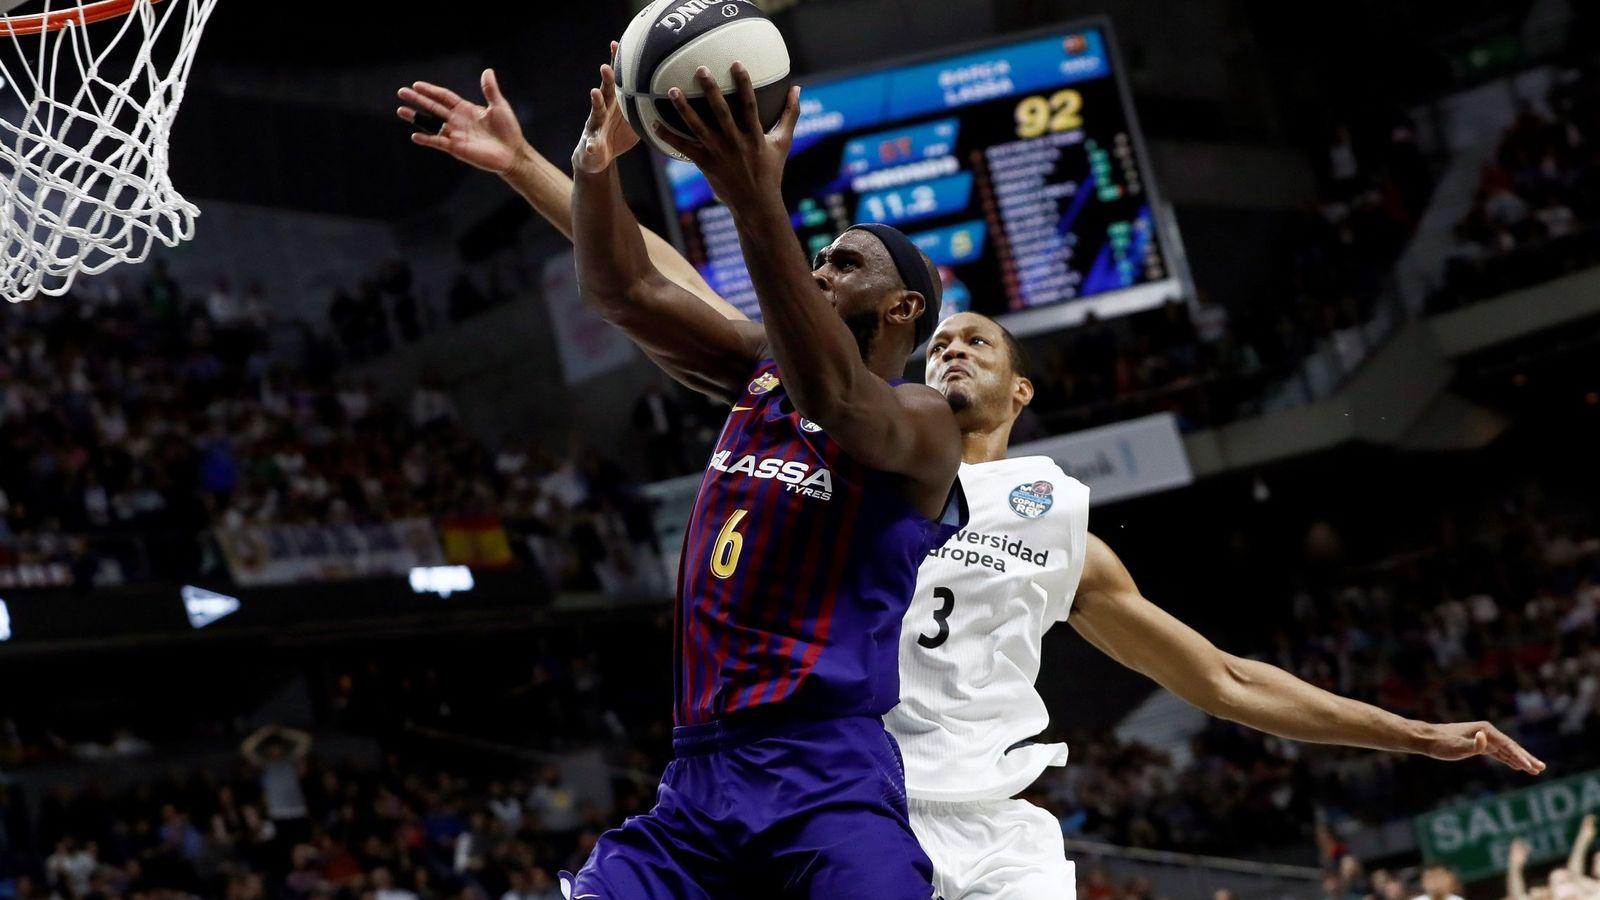 Foto: La ACB admitió que había habido errores arbitrales graves en la final de Copa del Rey. (EFE)